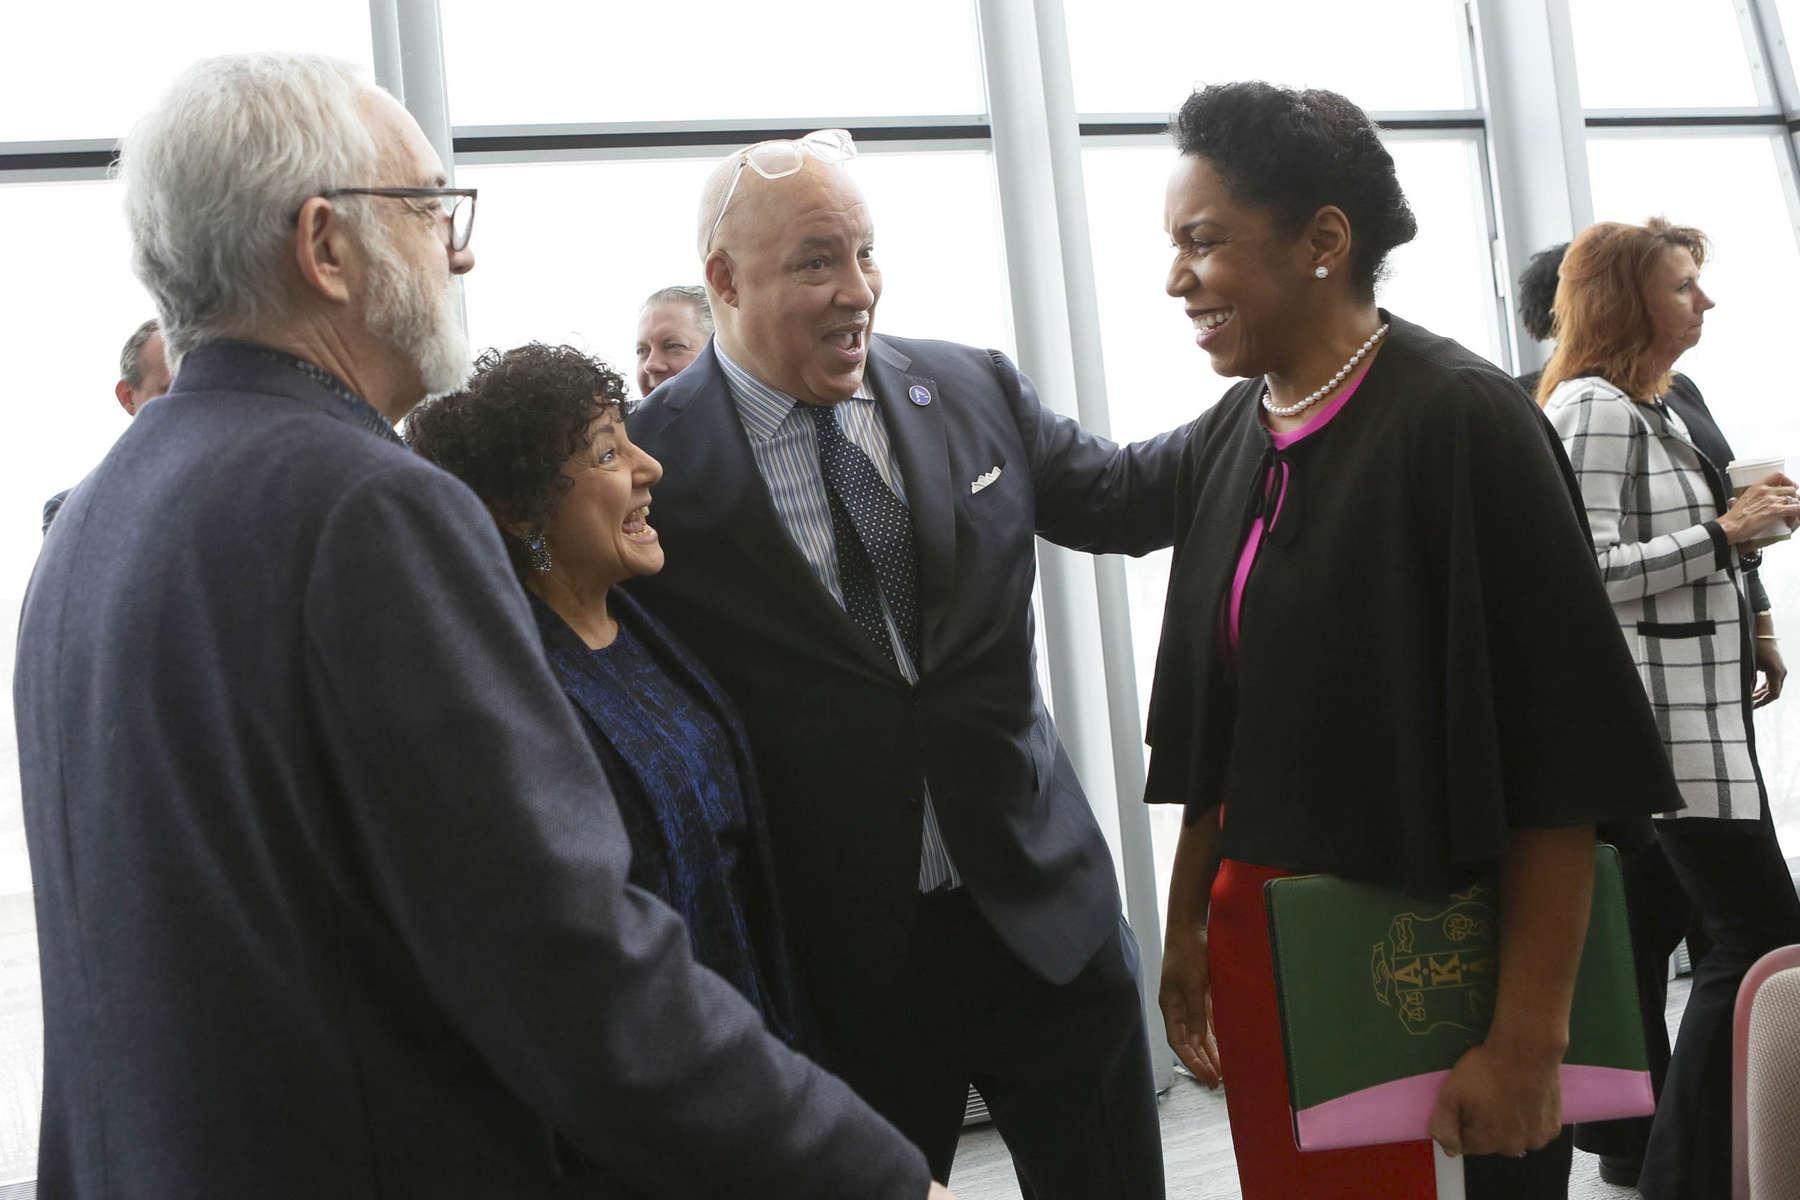 Dr. Whitaker (center) introduces Lt. Govenor Juliana Stratton (right) to Dr. Freada Kapor Klein.